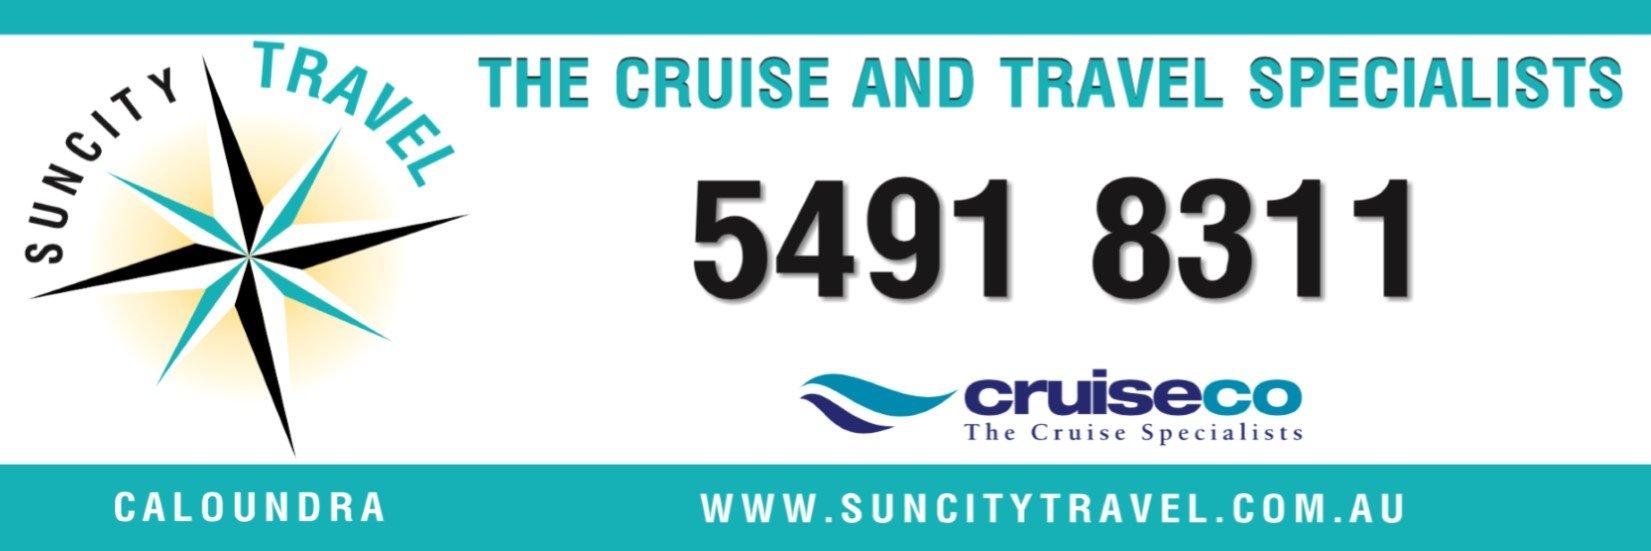 Suncity Travel image